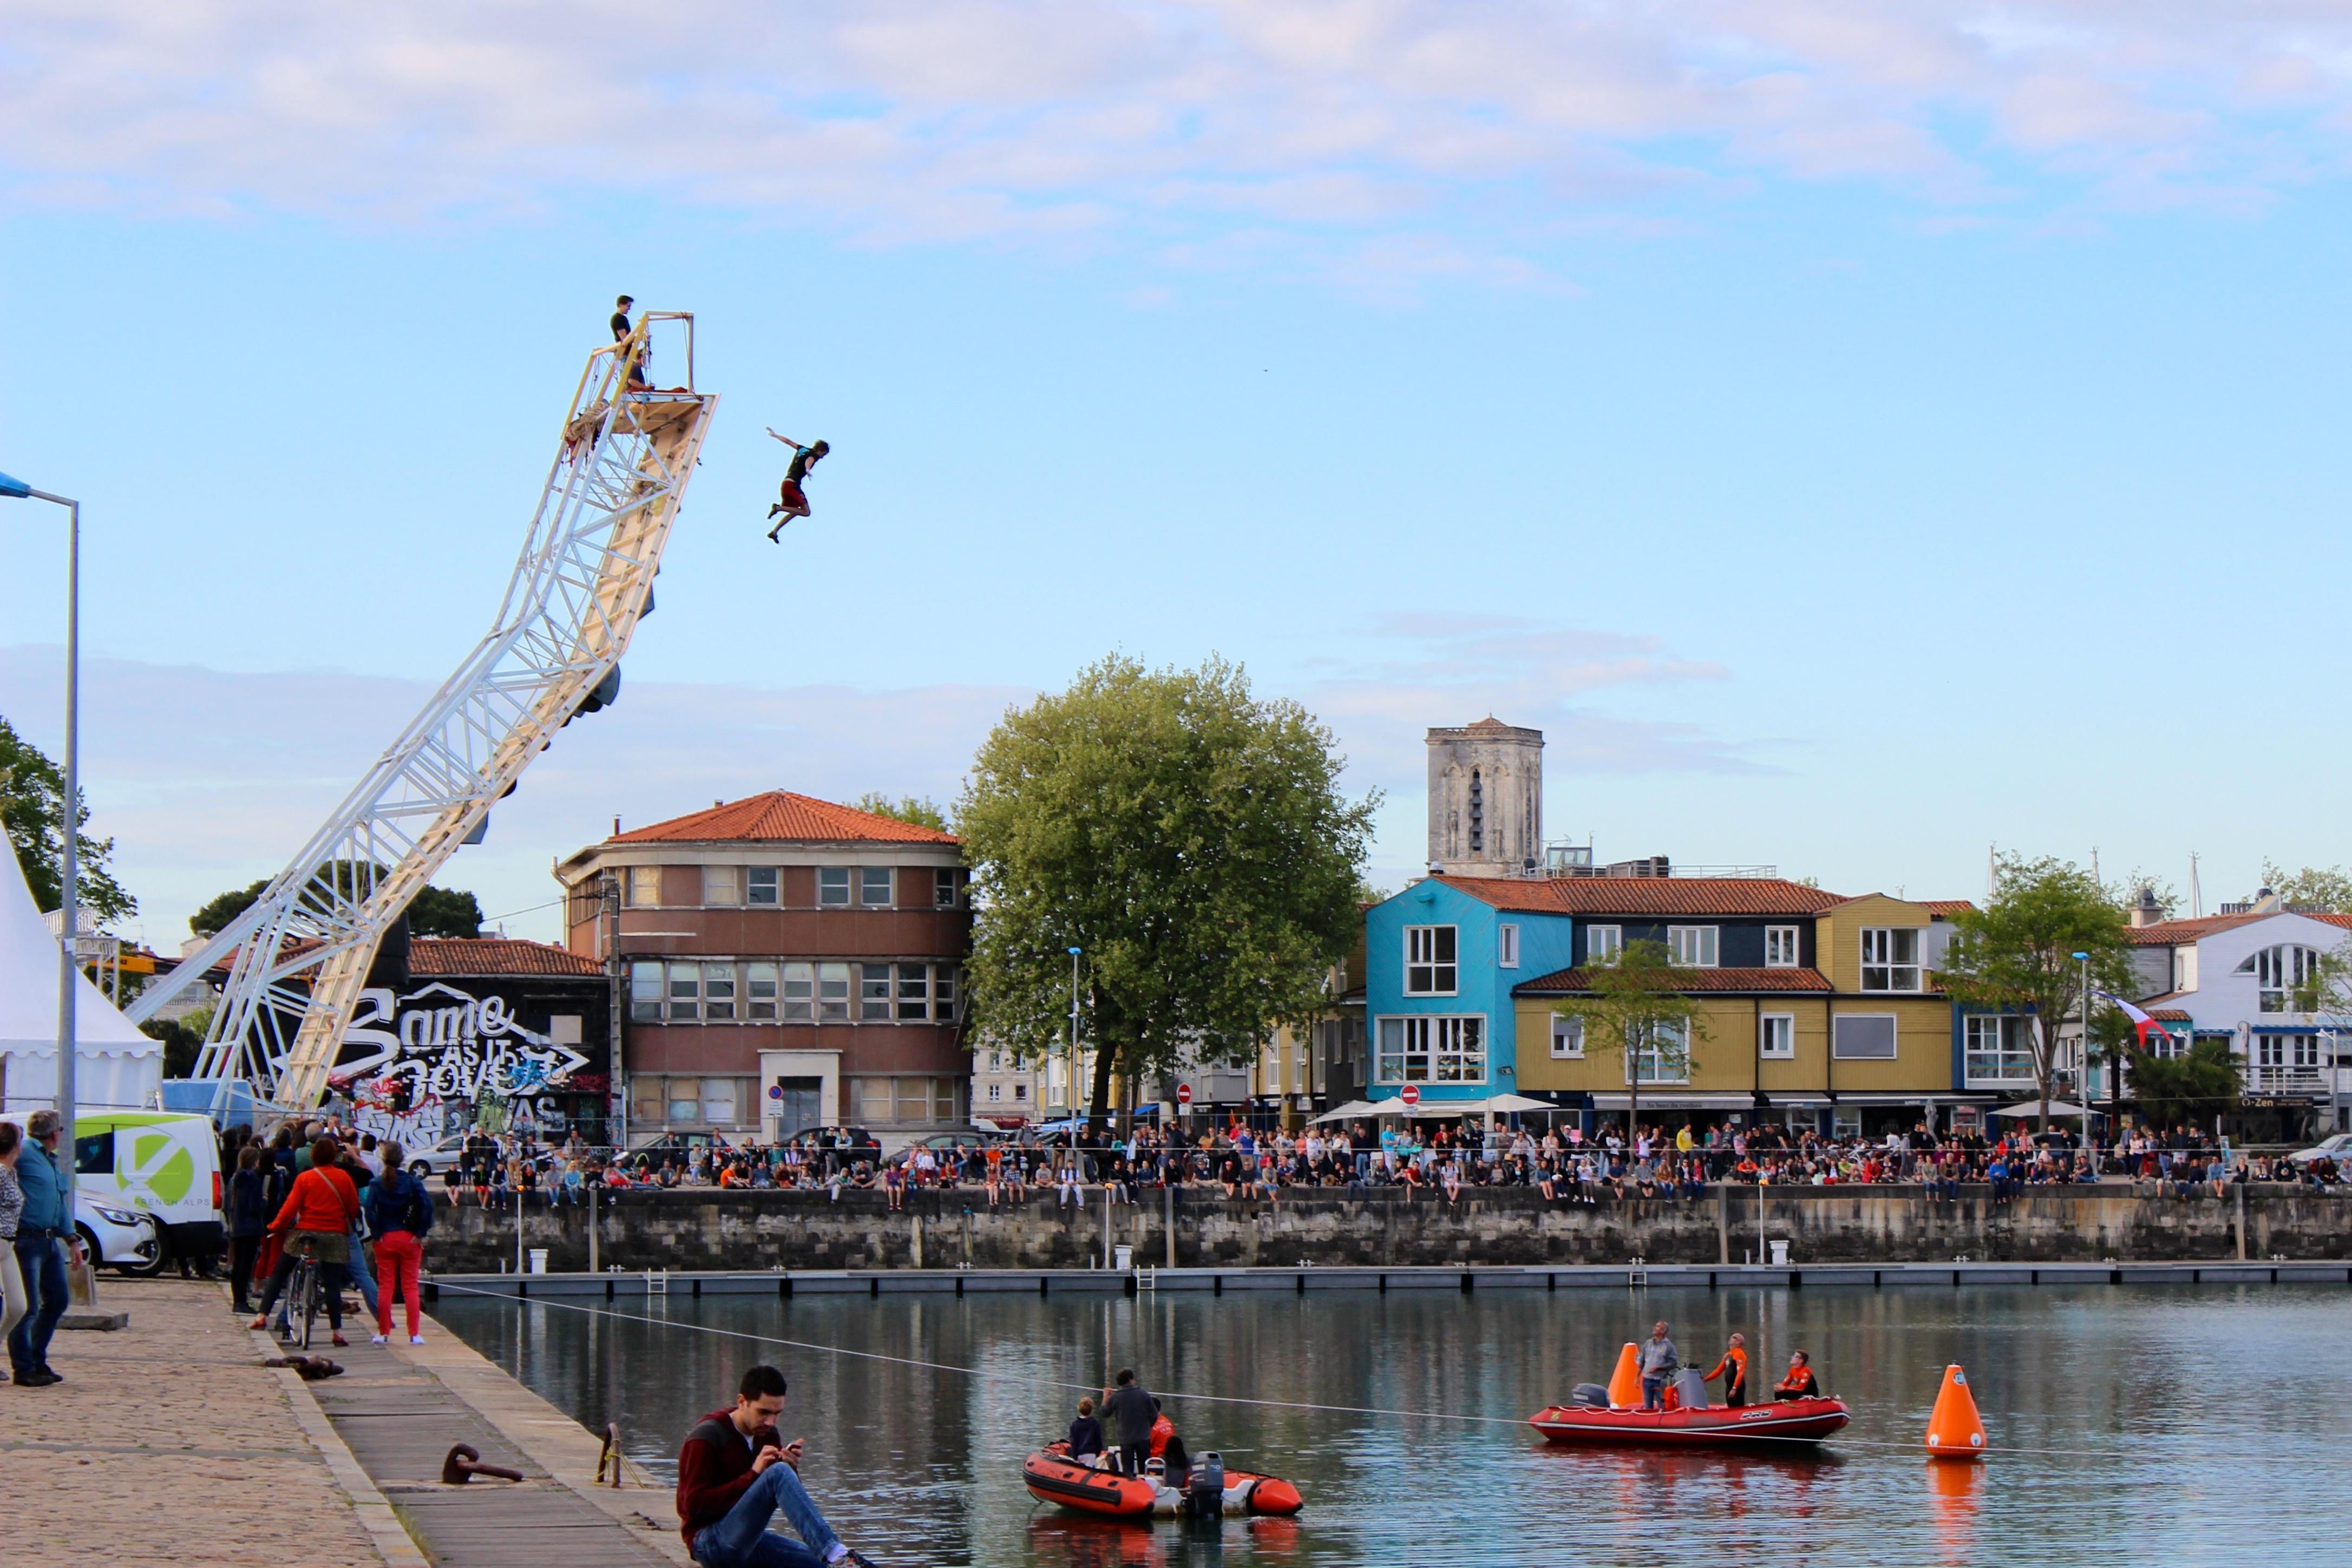 Les sélections ont commencé vendredi 24 avril à la salle de Bloc, The Roof, pour départager les grimpeurs les plus performants capables de se mesurer à ce monstrueux mur de 15 mètres de hauteur. Appelé psycobloc, cette discipline est une variante de l'escalade de bloc (sans corde) et de falaise (avec corde). Le mur érigé en surplomb du bassin des chalutiers dans le port de La Rochelle, permet à ces athlètes de grimper sans corde sur des hauteurs normalement inaccessible. L'eau, élément omniprésent dans cette ville touristique de Charente maritime, en France, a essuyé les plongeons des victorieux compétiteurs. C'est Gérome Pouvreau, natif de La Rochelle qui a remporté le trophée chez les hommes, accompagné par Florence Pinet victorieuse de la compétition femme. Cette session d'escalade en bord de mer se termine ce dimanche 26 Avril 20015, coup d'envoi de la caravane Petzel pour un road trip des meilleurs spots Français. Cette rencontre sportive et festive nous aura aussi fait découvrir la discipline de JumpLine, style de freestyle sur slackline, qui, à en croire les commentateurs pourrait bien finir prochainement au XGames !!